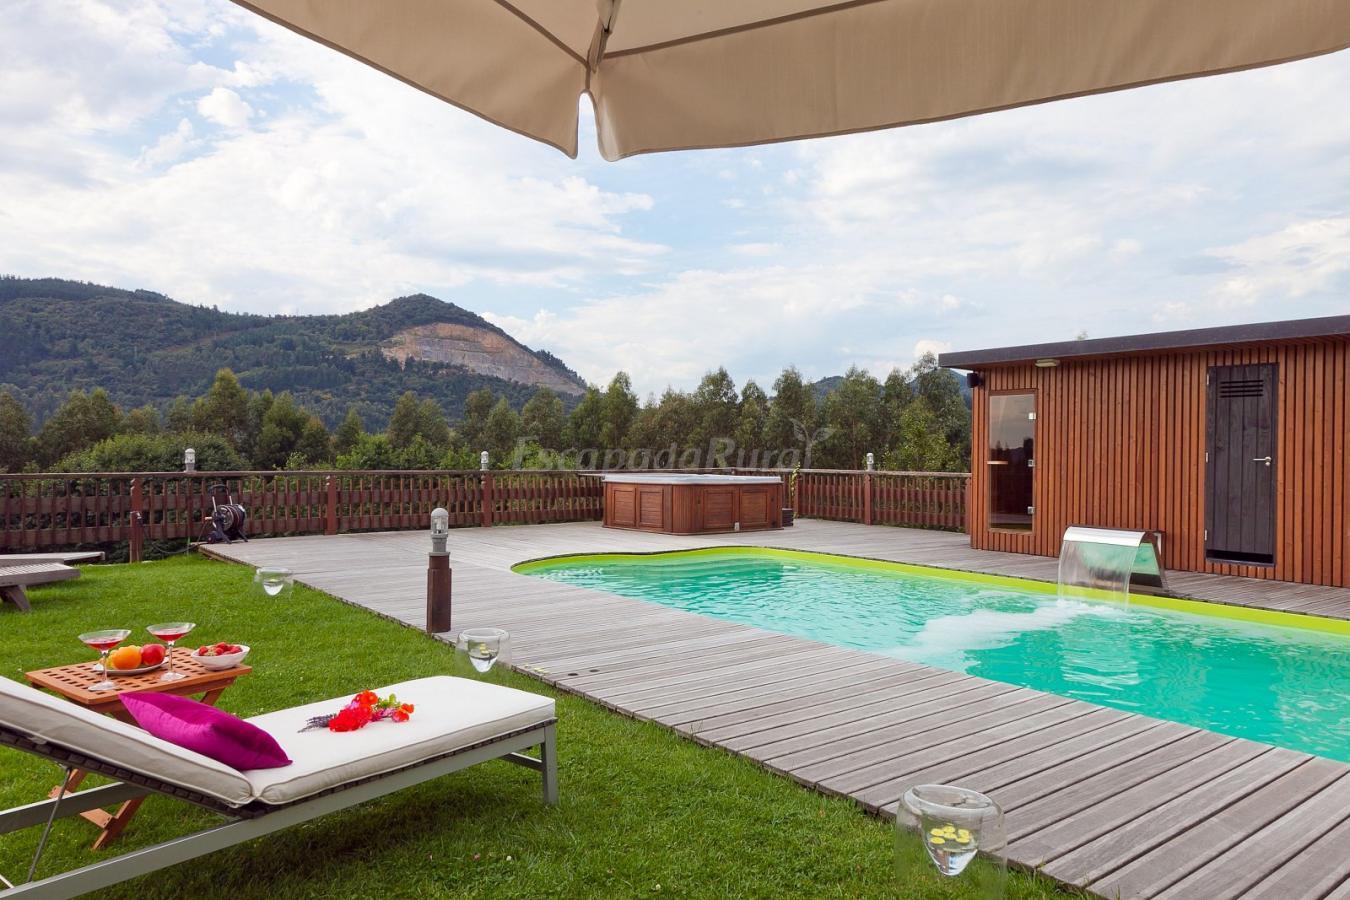 Las casas de ea astei casa rural en ea vizcaya for Casas rurales alicante con piscina